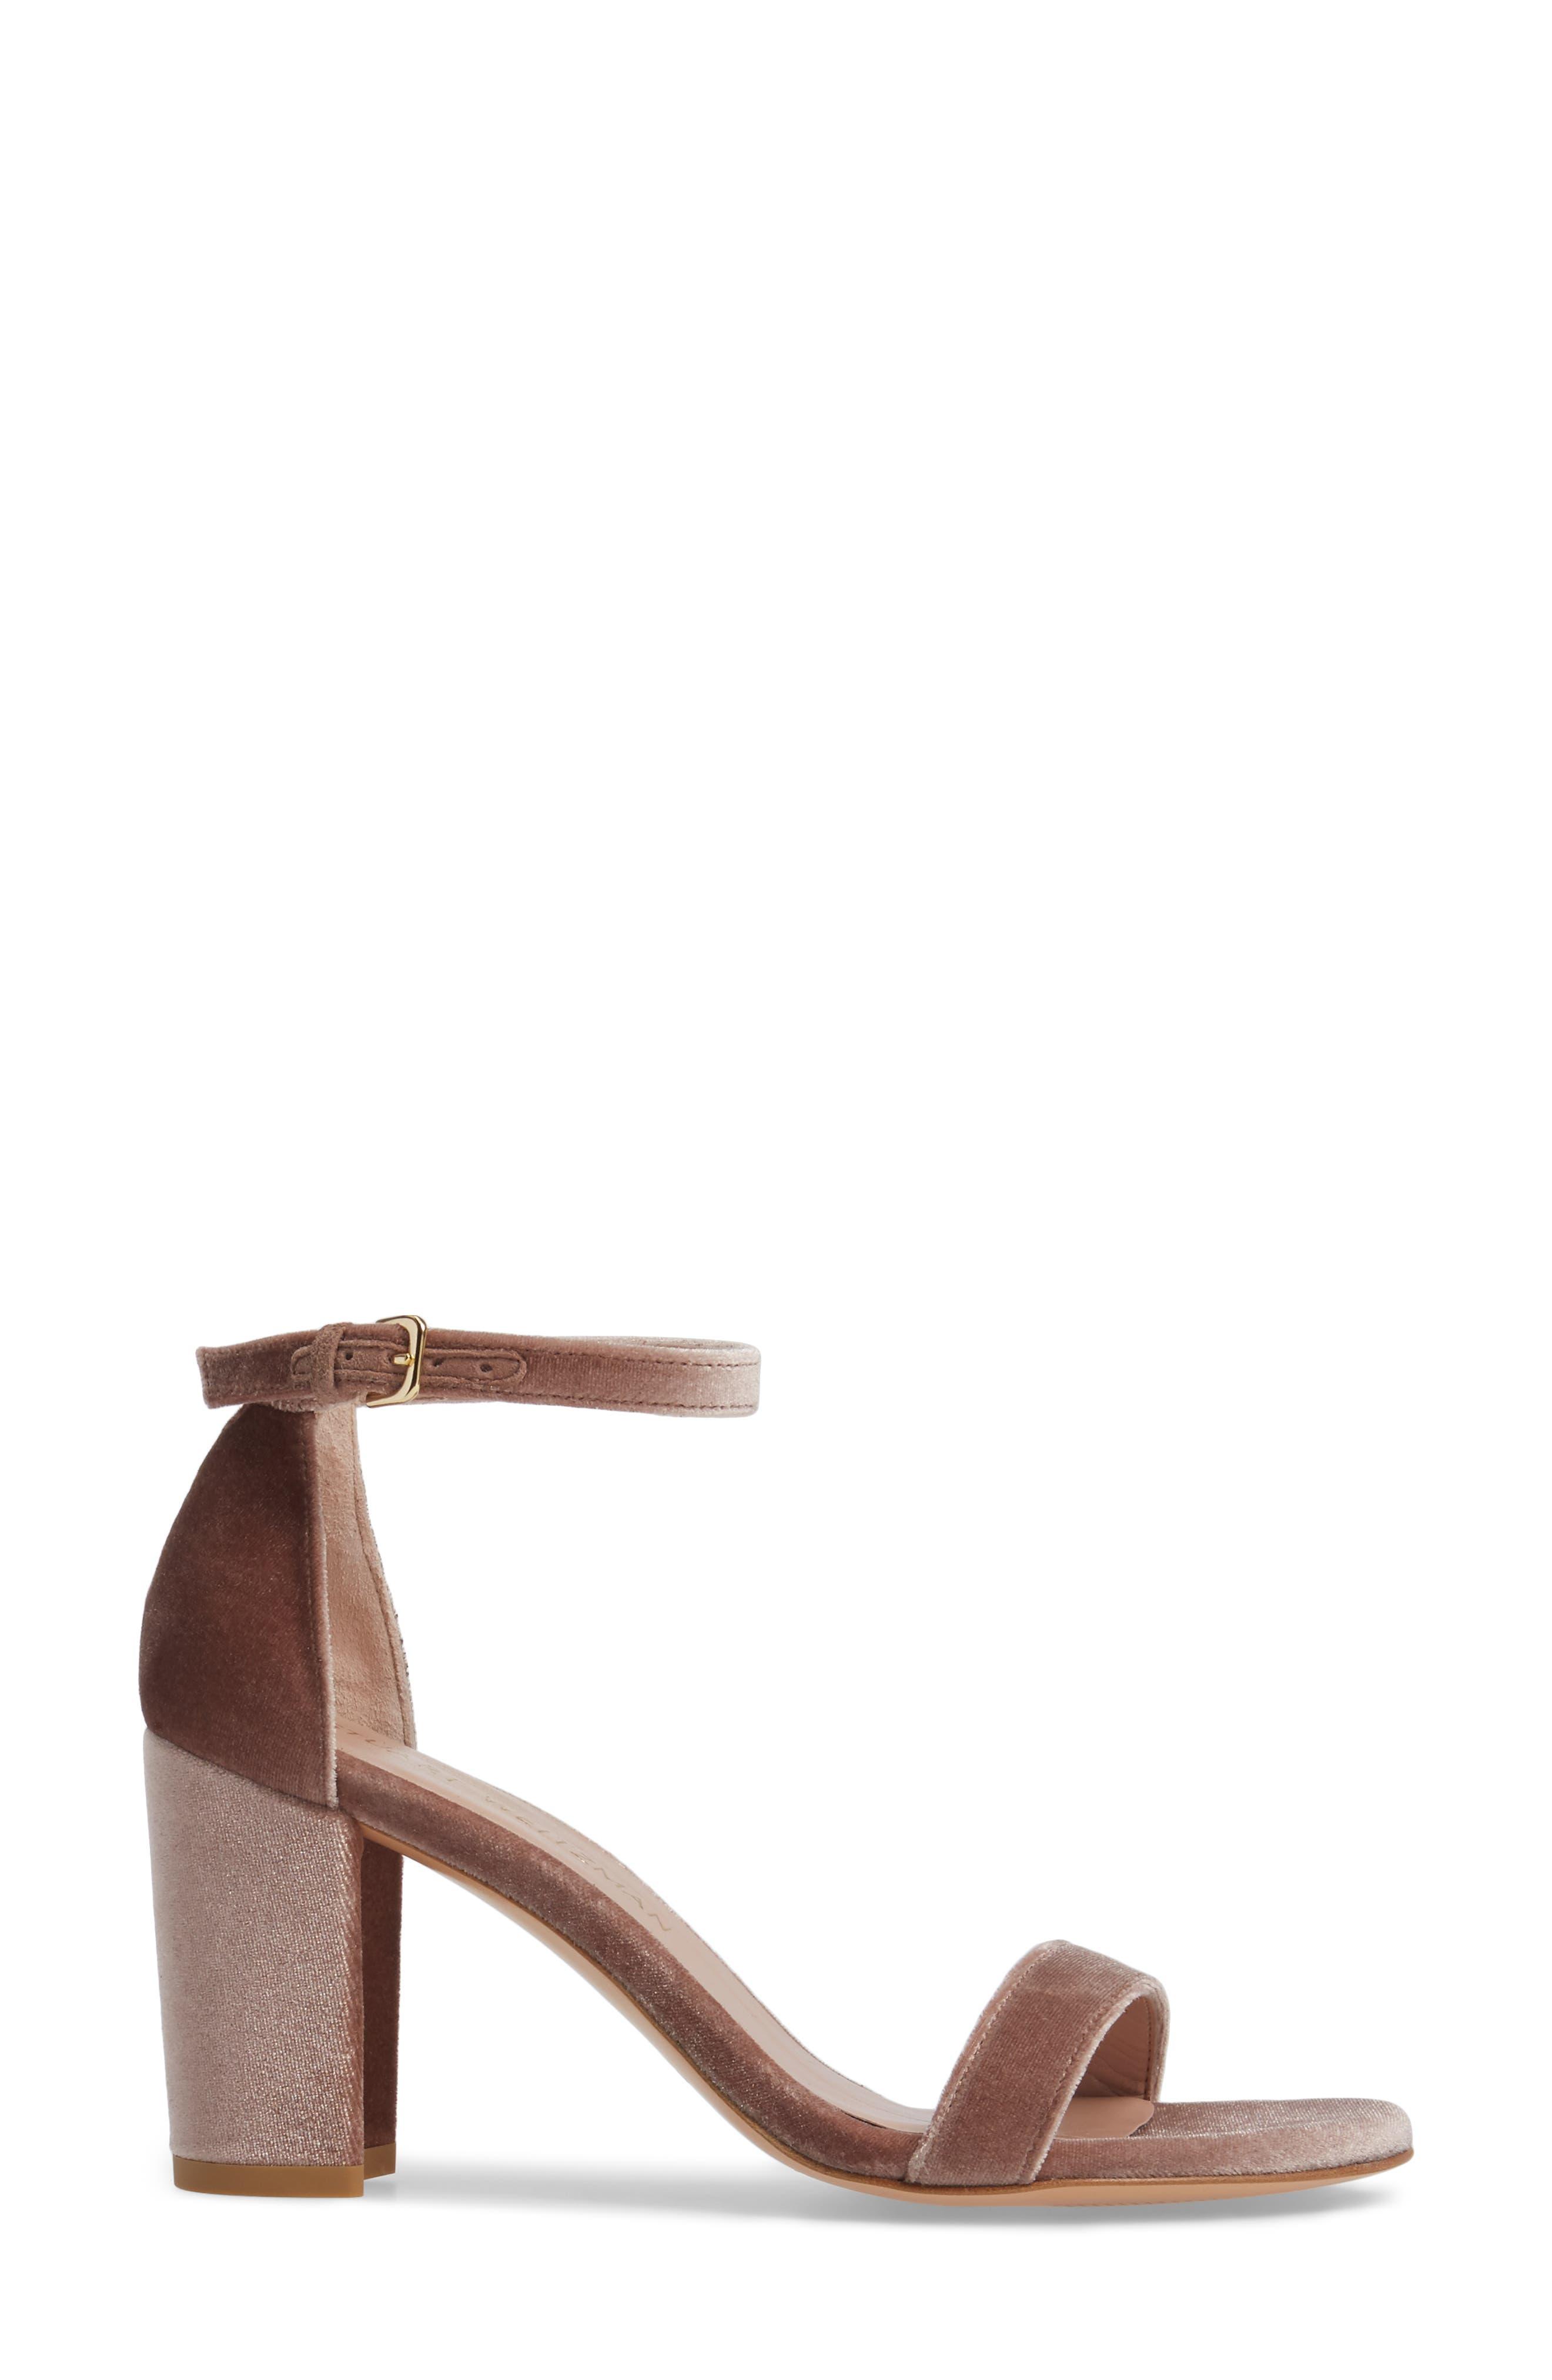 NearlyNude Ankle Strap Sandal,                             Alternate thumbnail 3, color,                             Candy Velvet